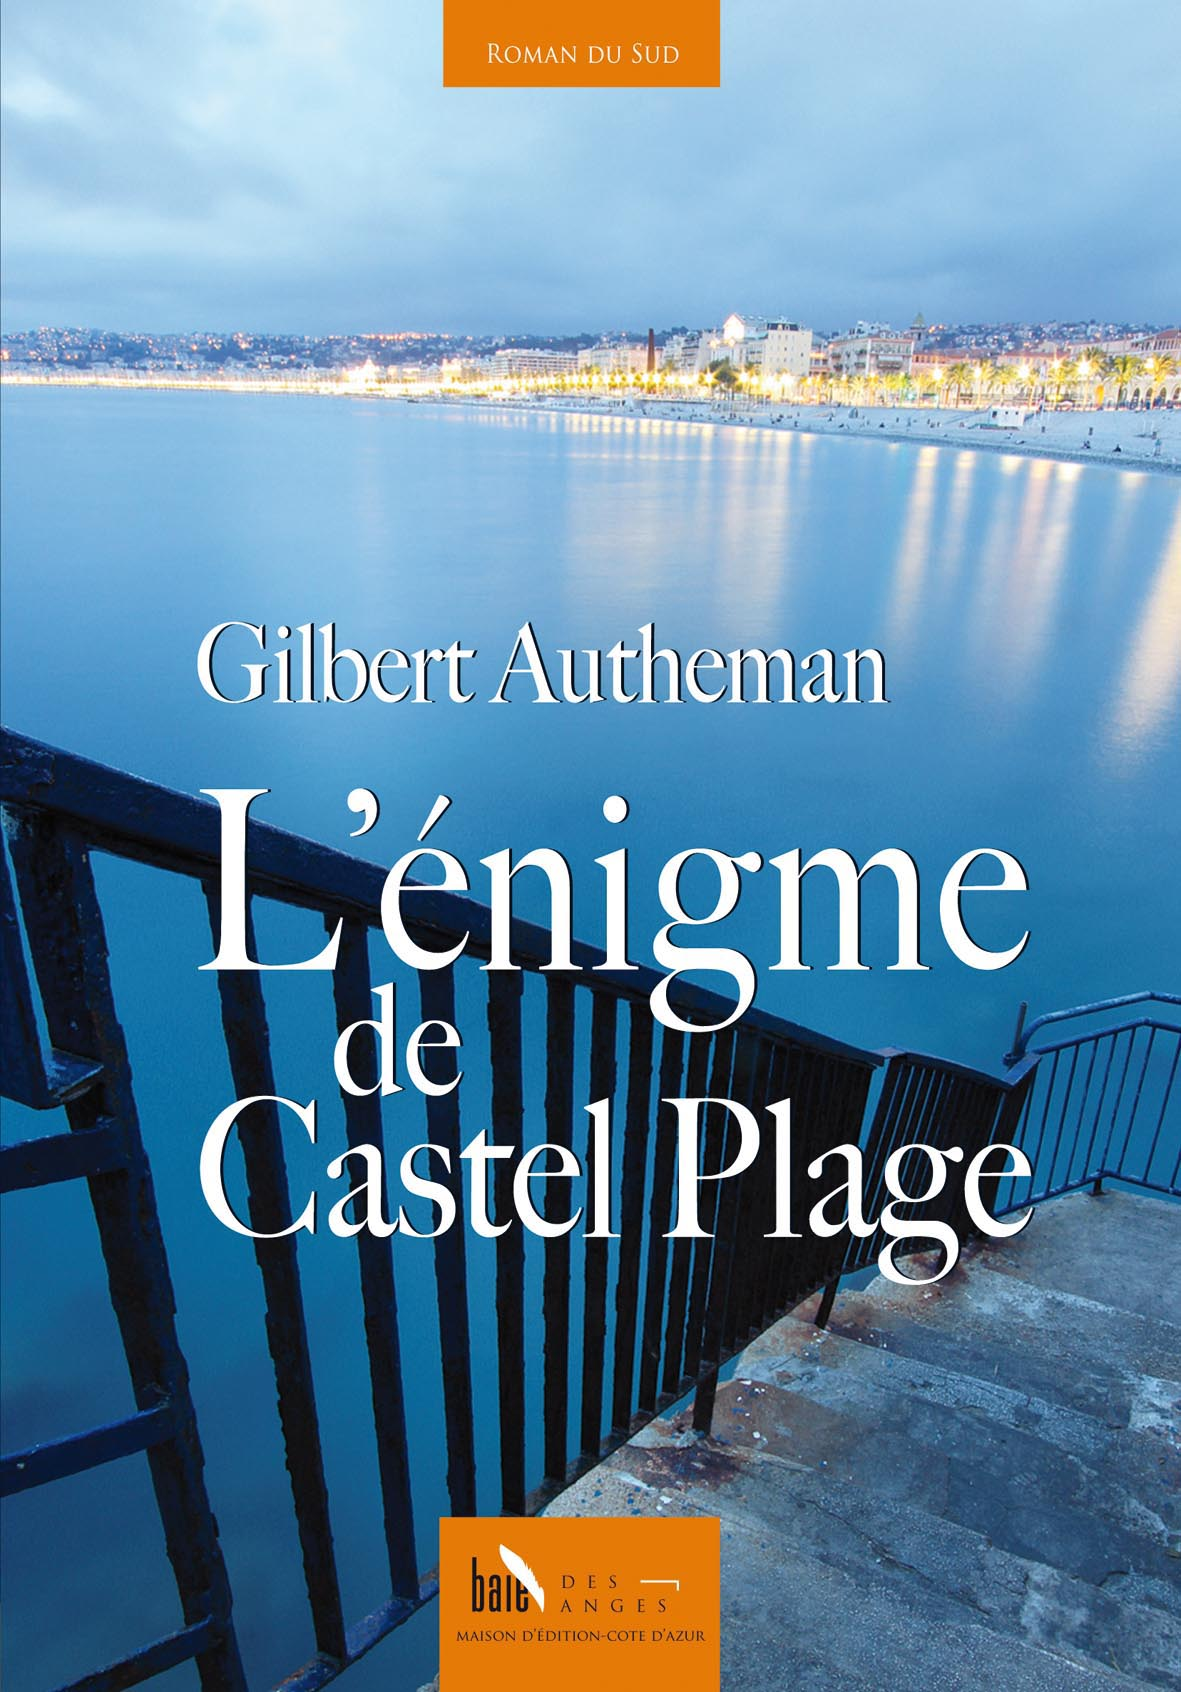 L'énigme du Castel Plage de Gilbert Autheman